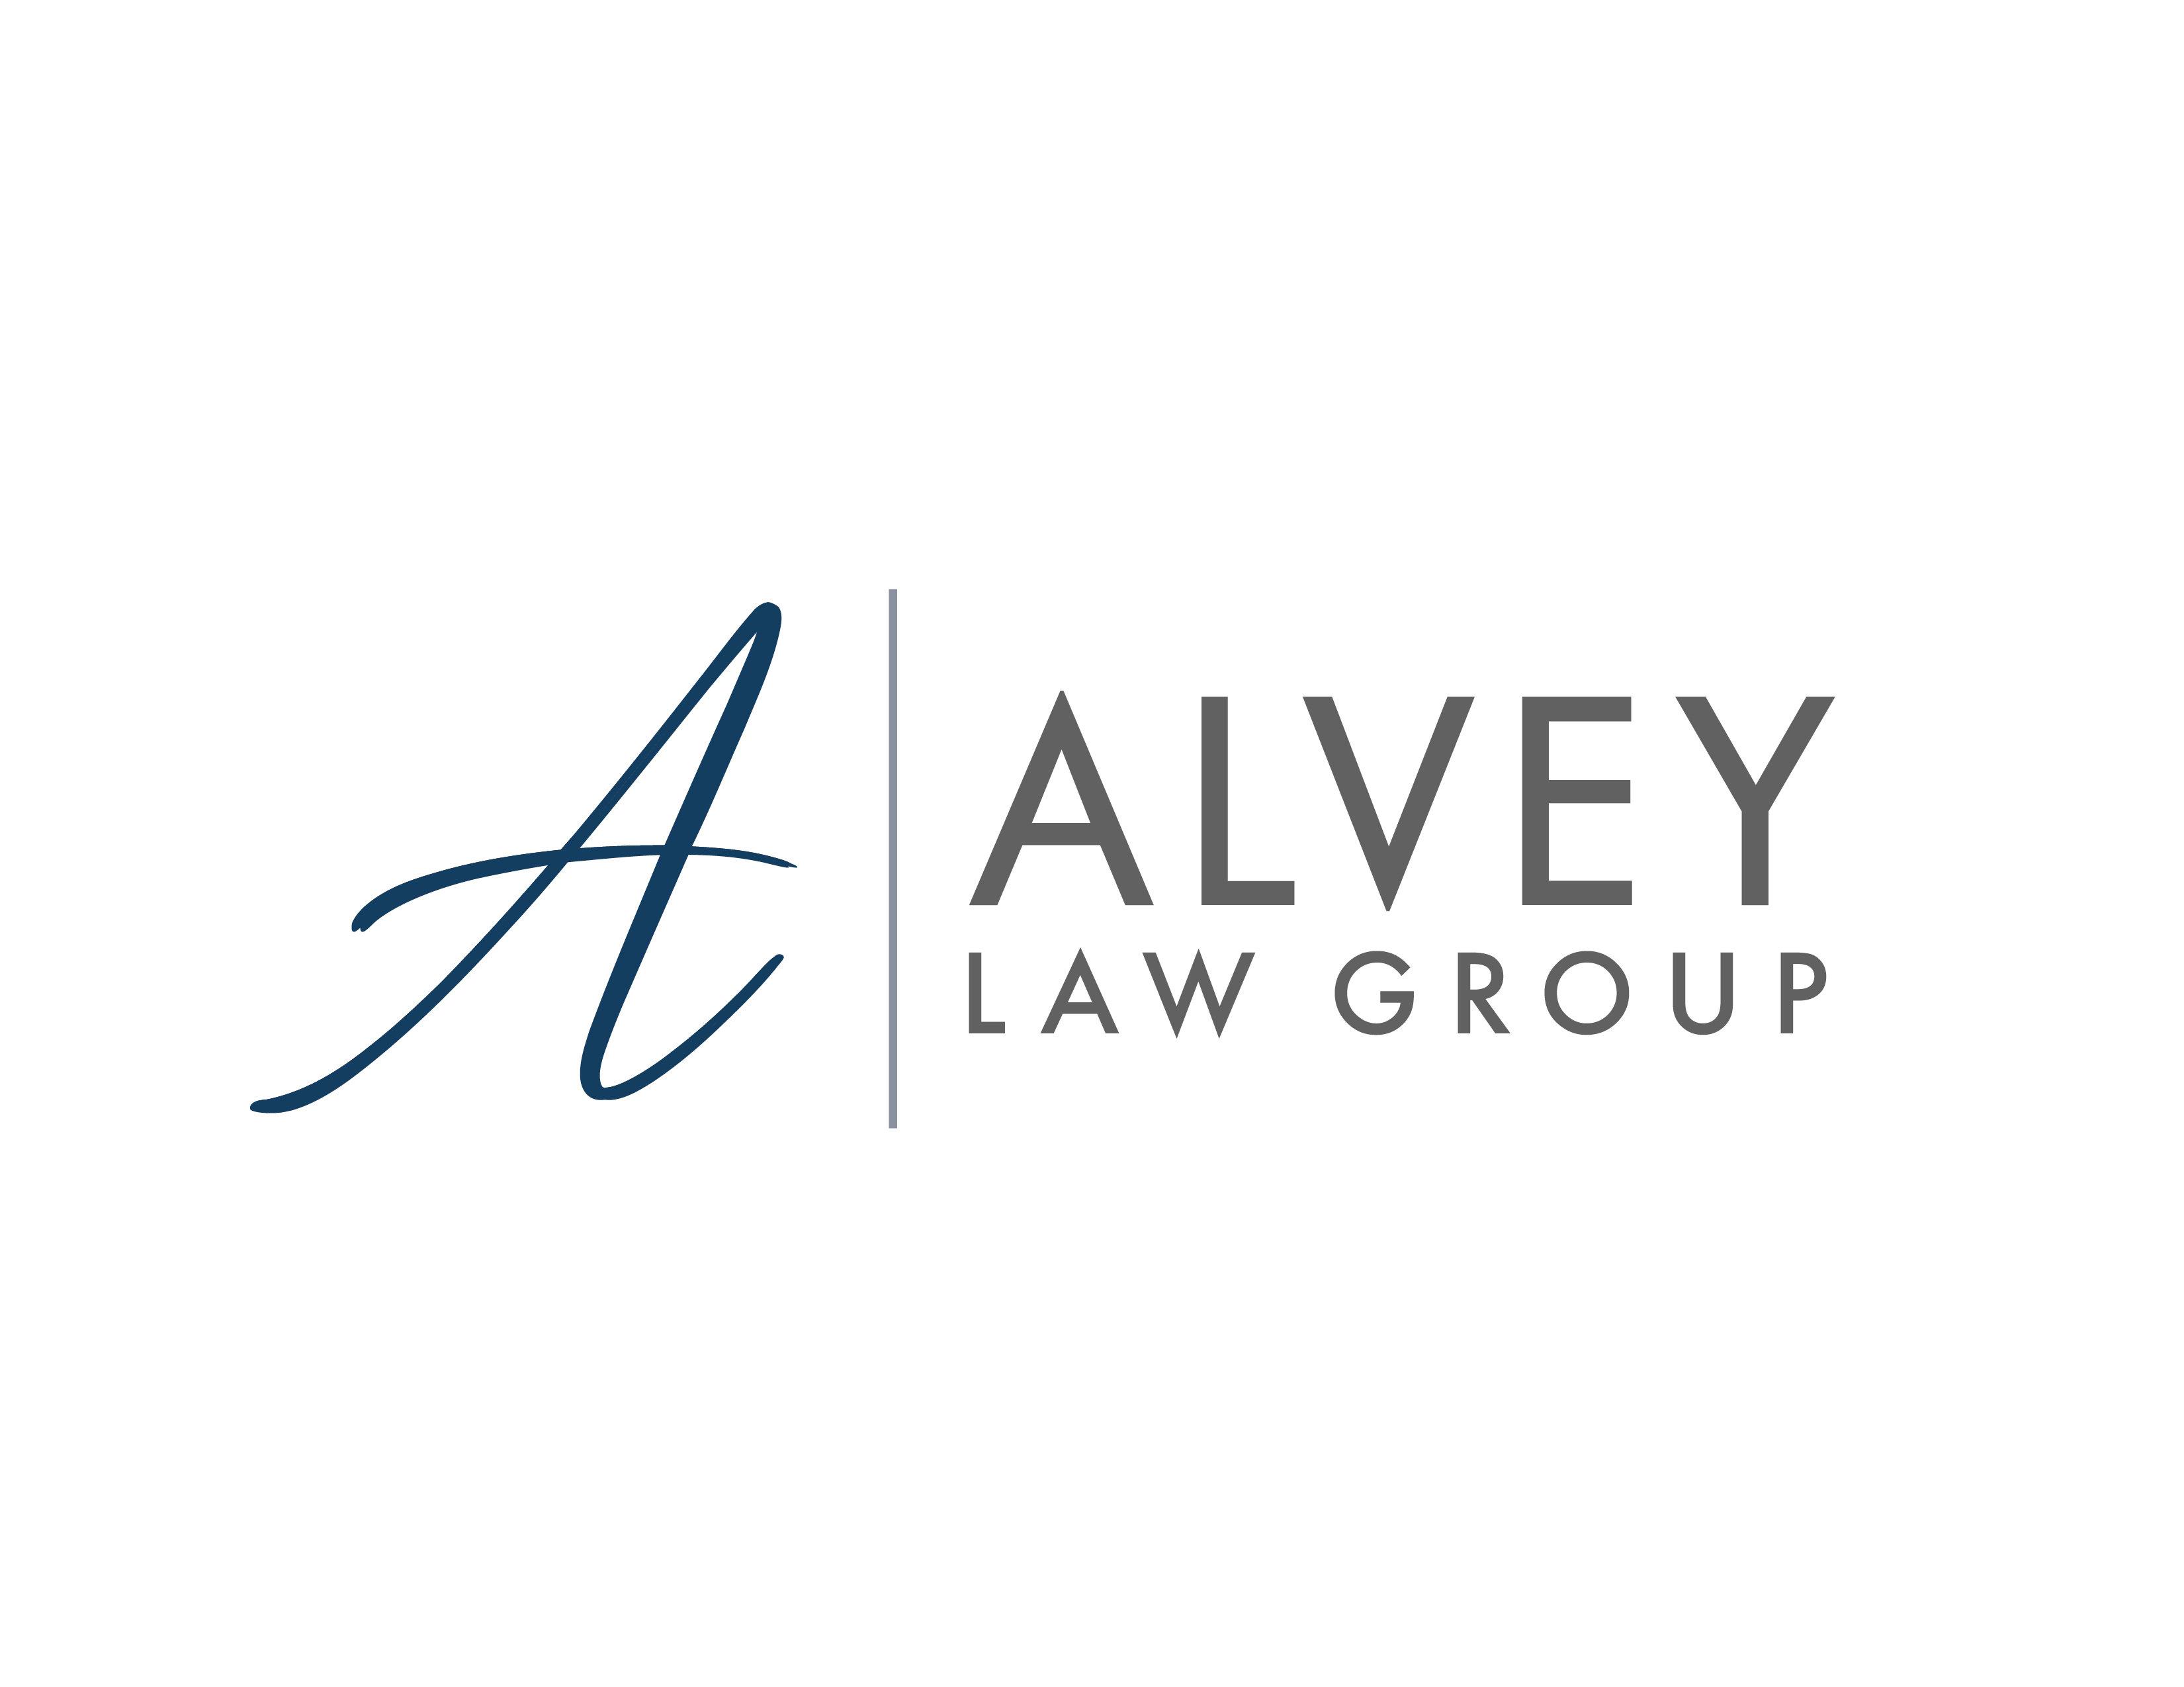 Alvey Law Group